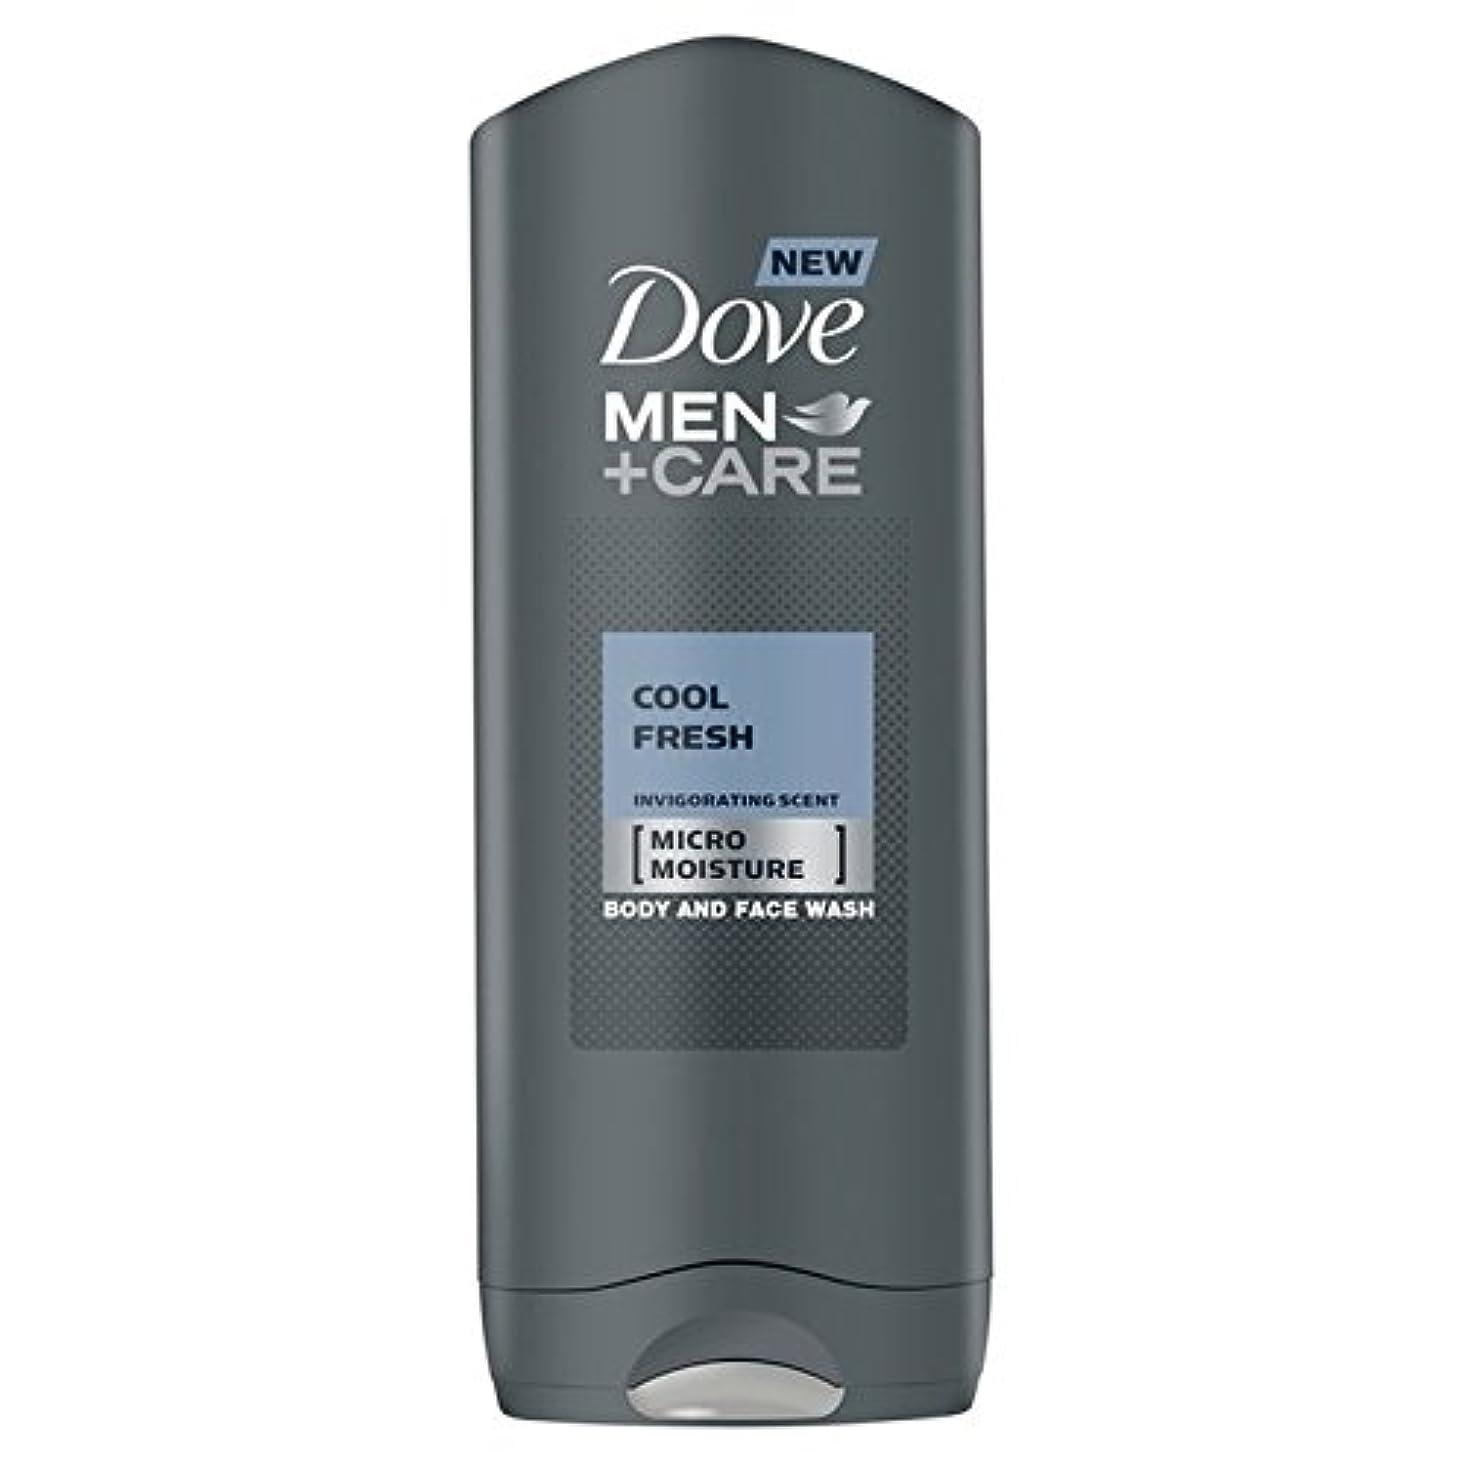 カタログ体細胞ファンクールフレッシュシャワージェル400ミリリットルケア+鳩の男性 x2 - Dove Men+Care Cool Fresh Shower Gel 400ml (Pack of 2) [並行輸入品]